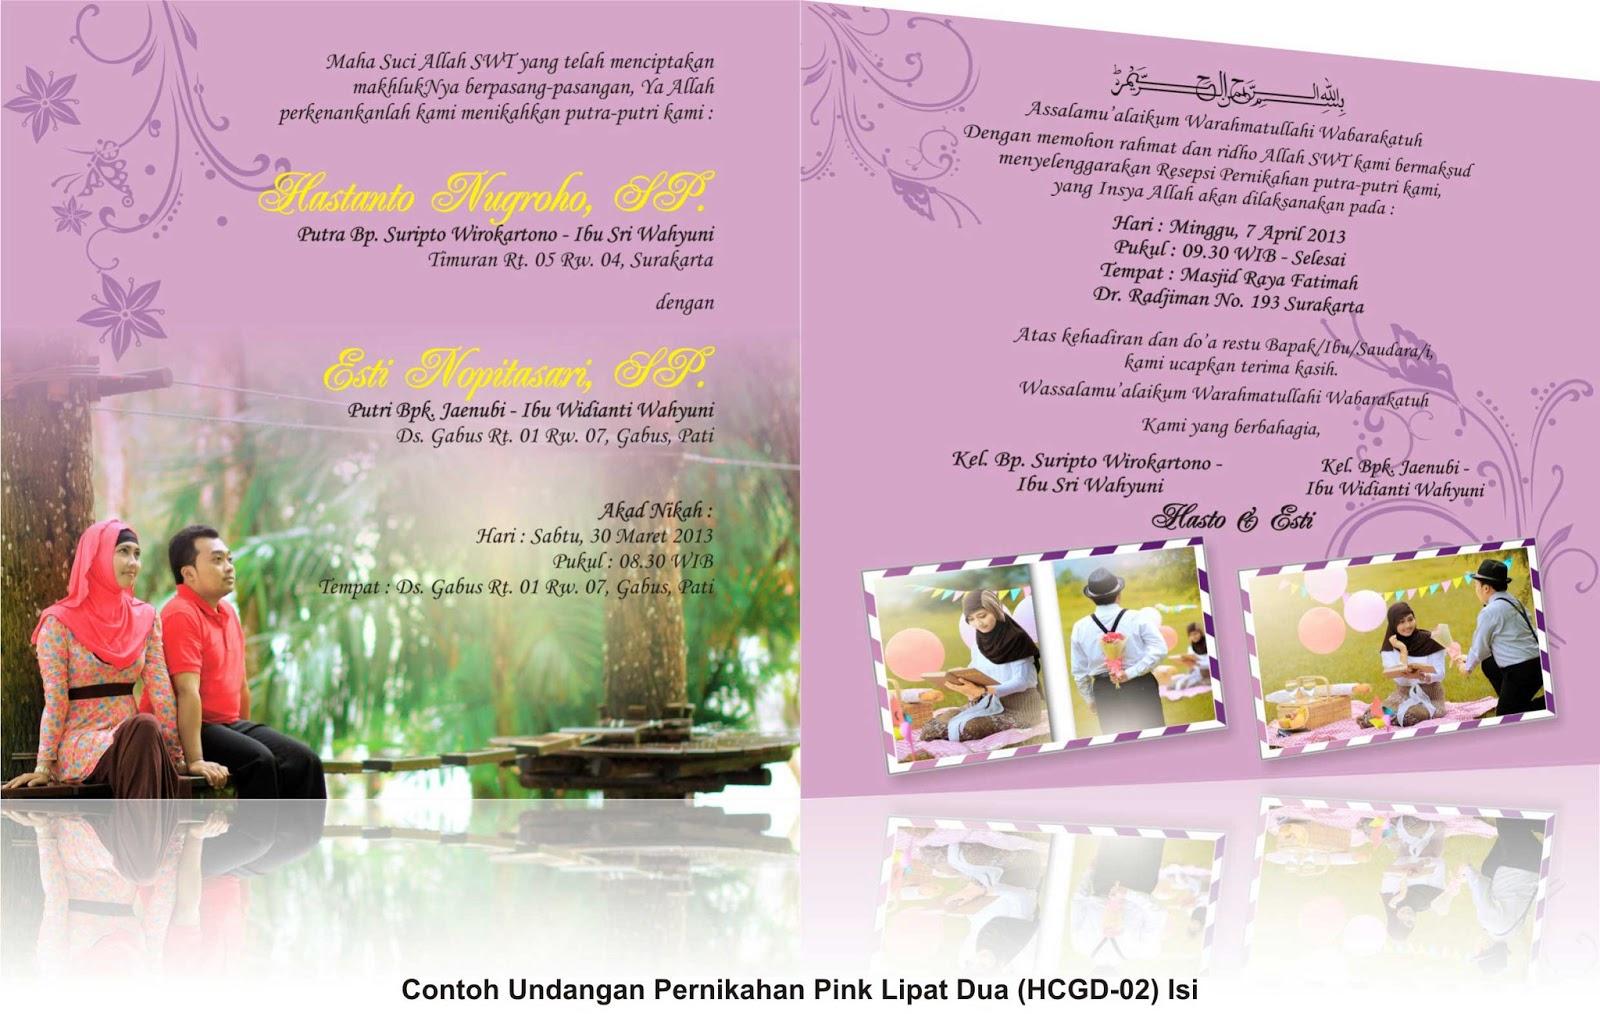 Contoh undangan contoh undangan pernikahan undangan pernikahan